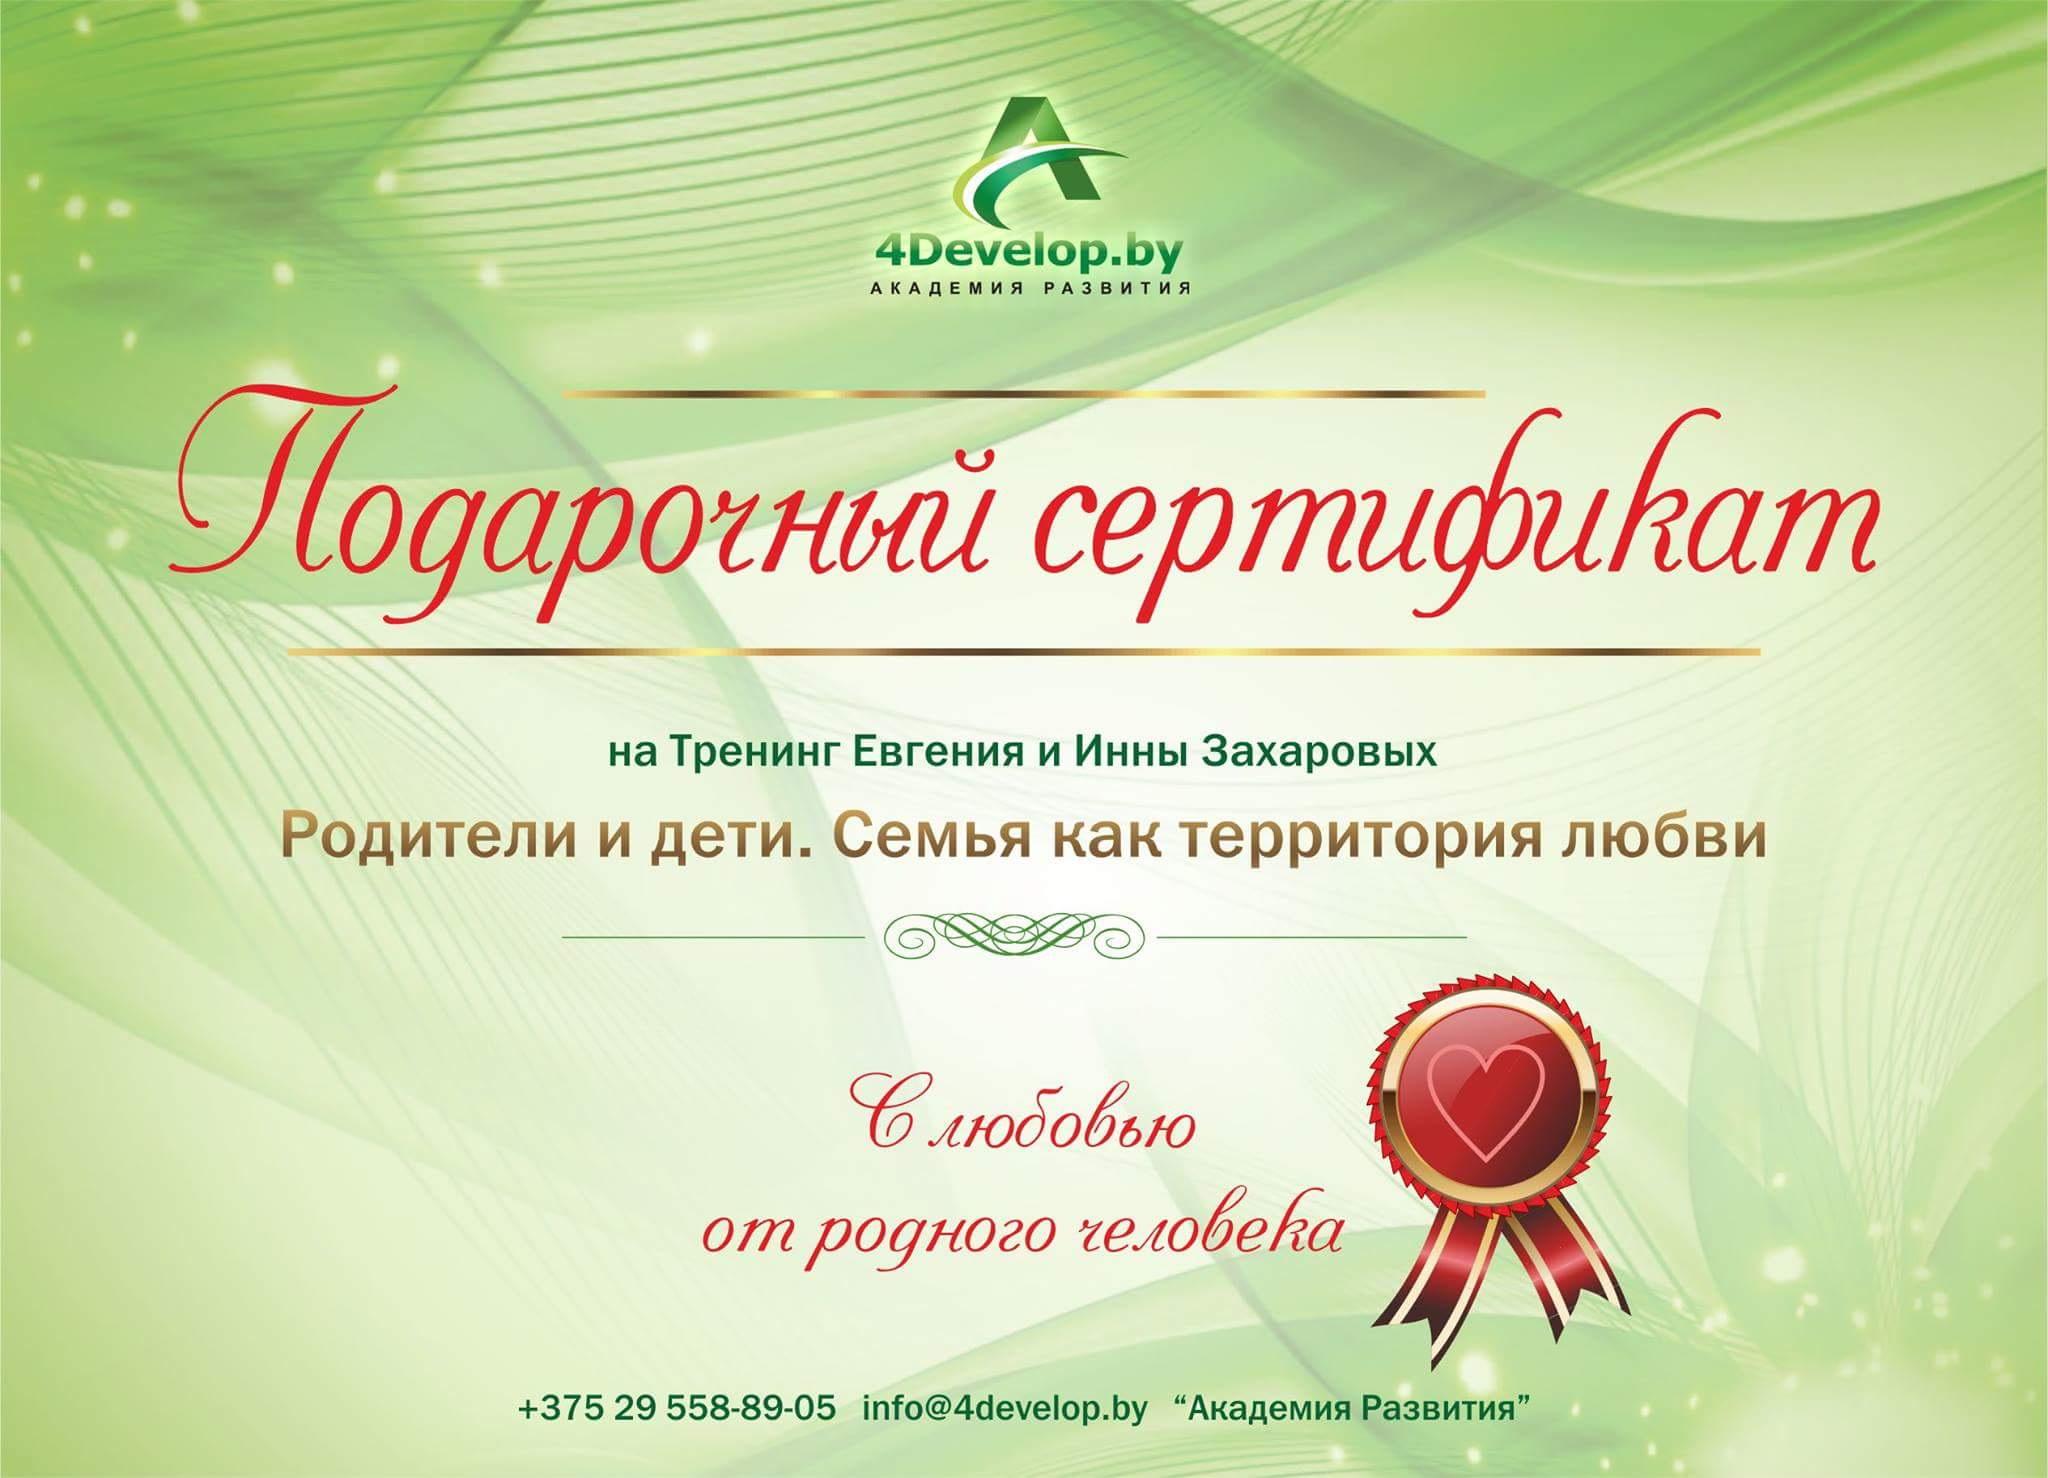 Подарочный сертификат от Академии Развития